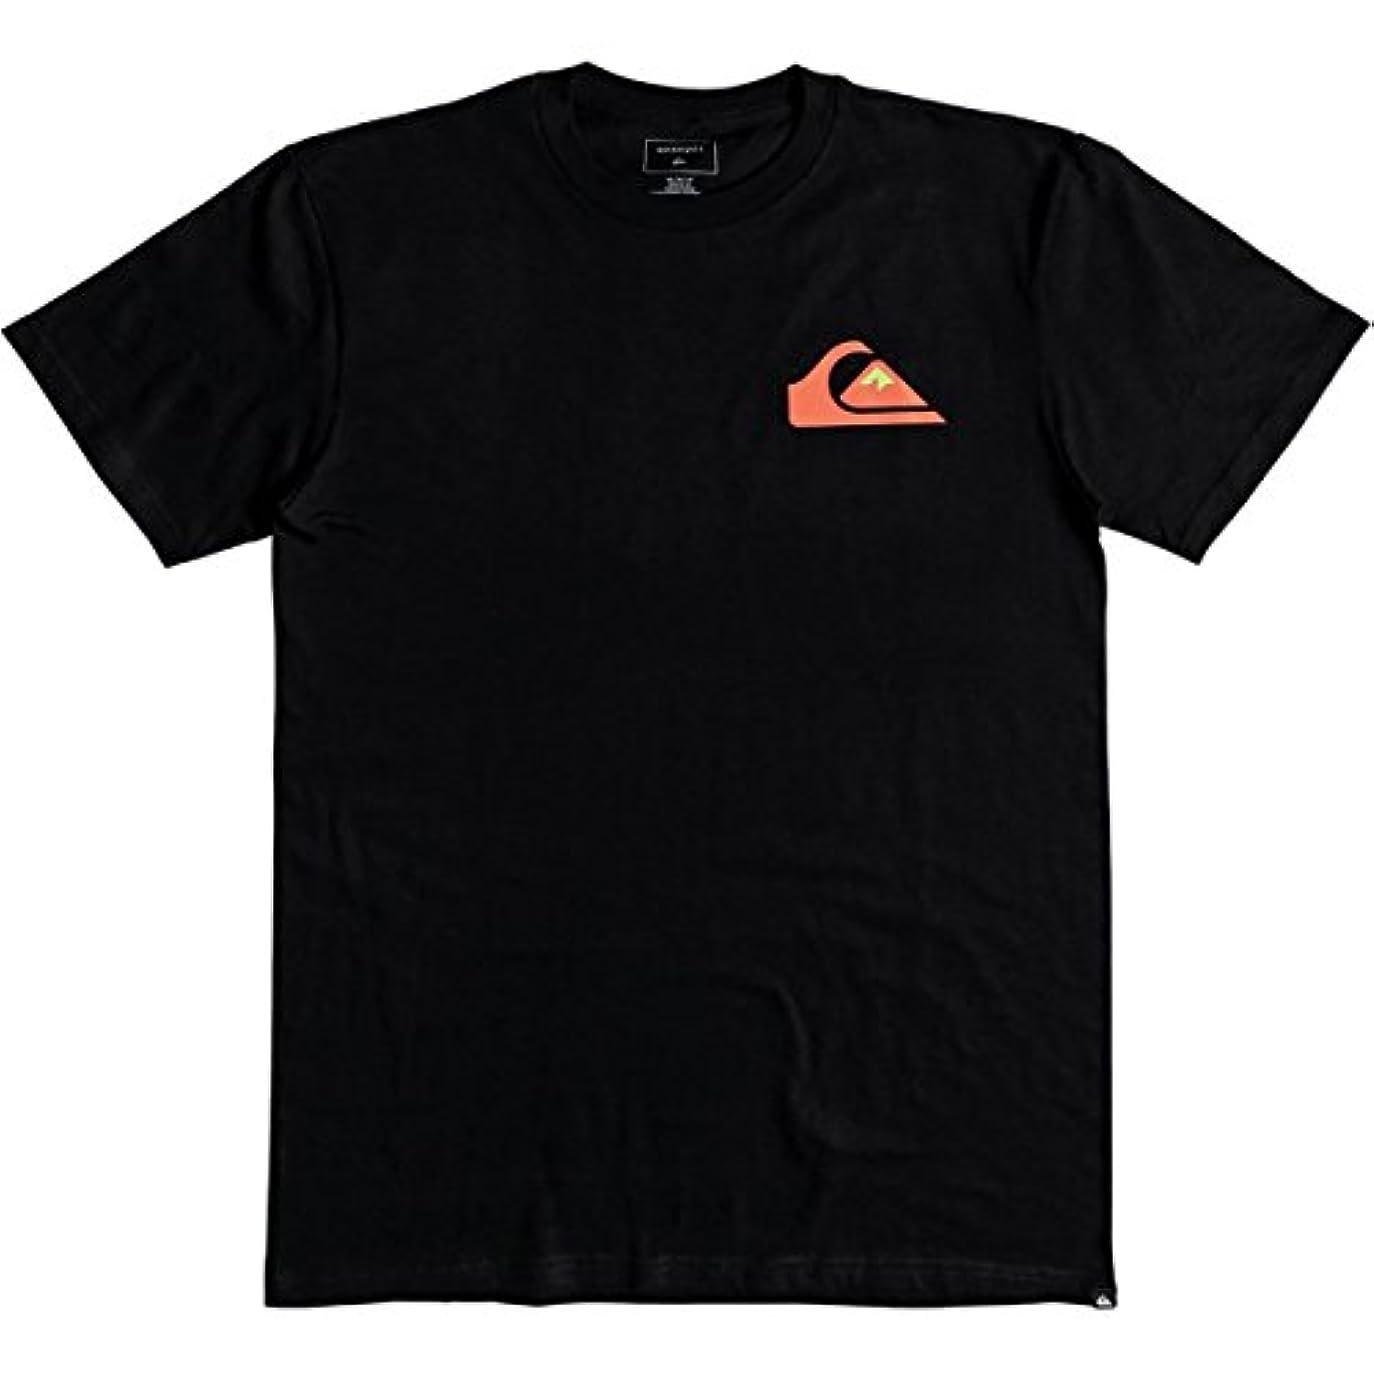 いっぱい確かめる視線[クイックシルバー] メンズ シャツ Vice Versa T-Shirt [並行輸入品]